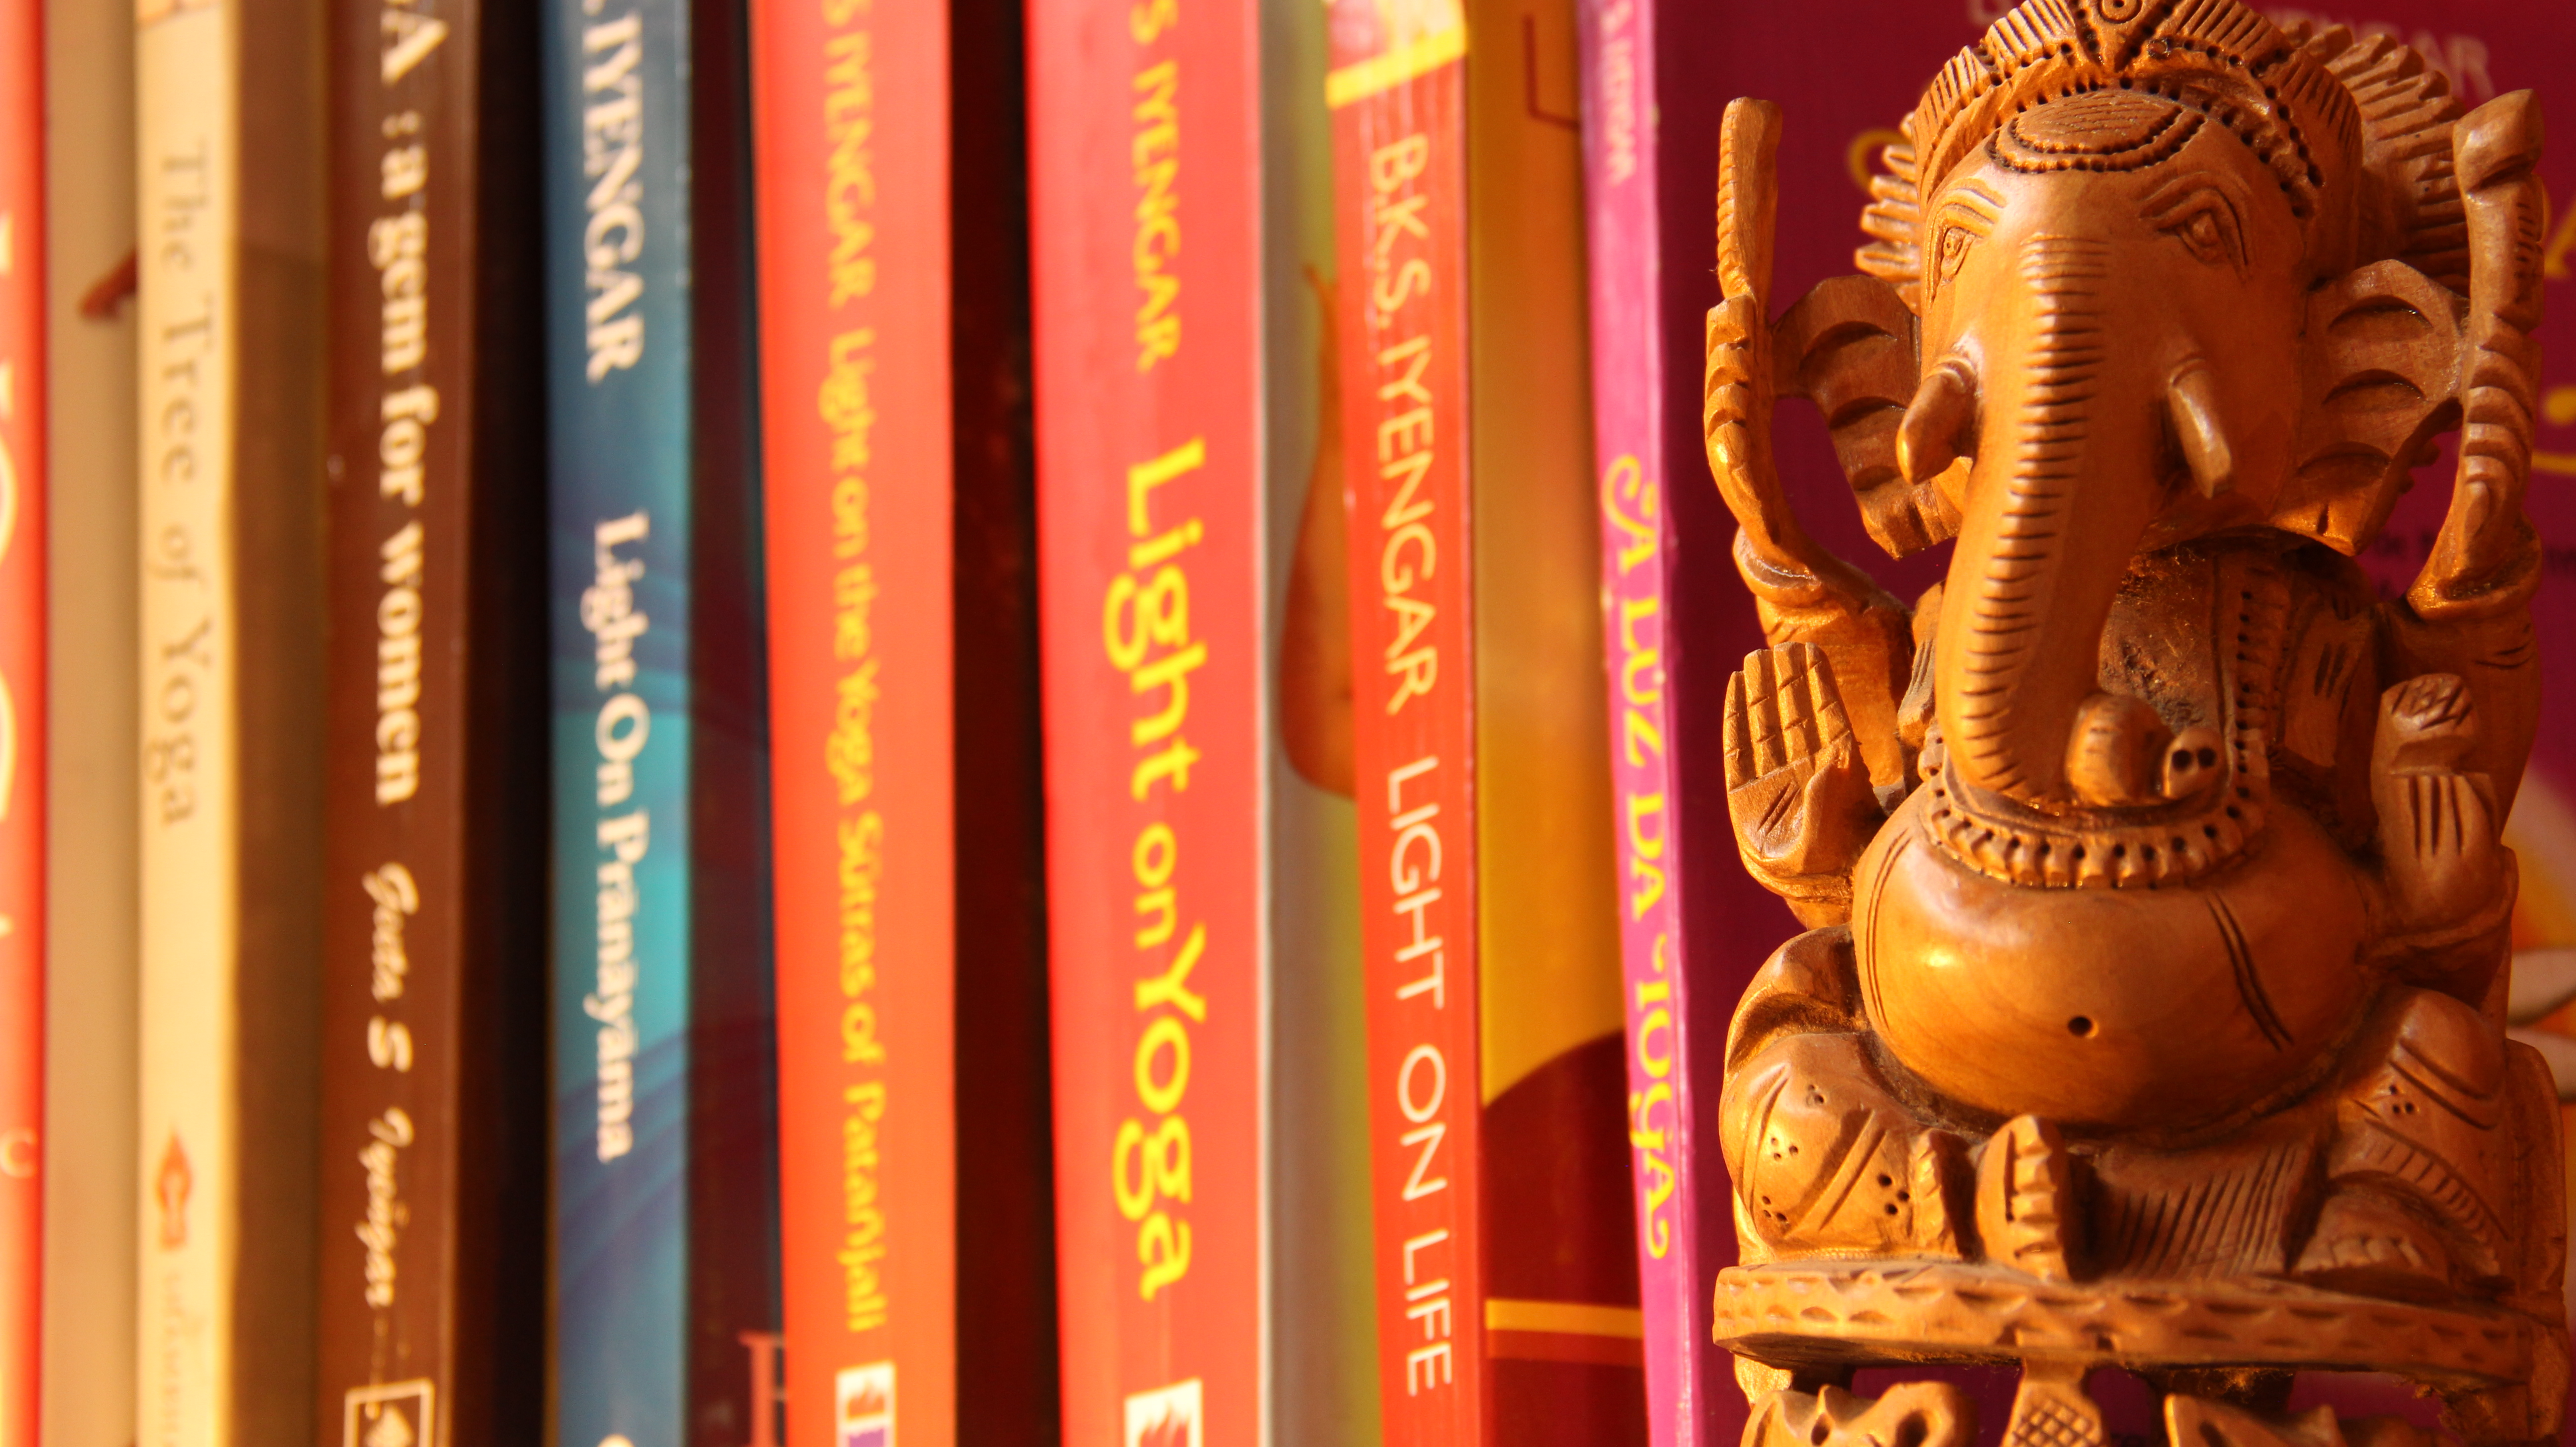 Iyengar livros foco no Ganesha.JPG